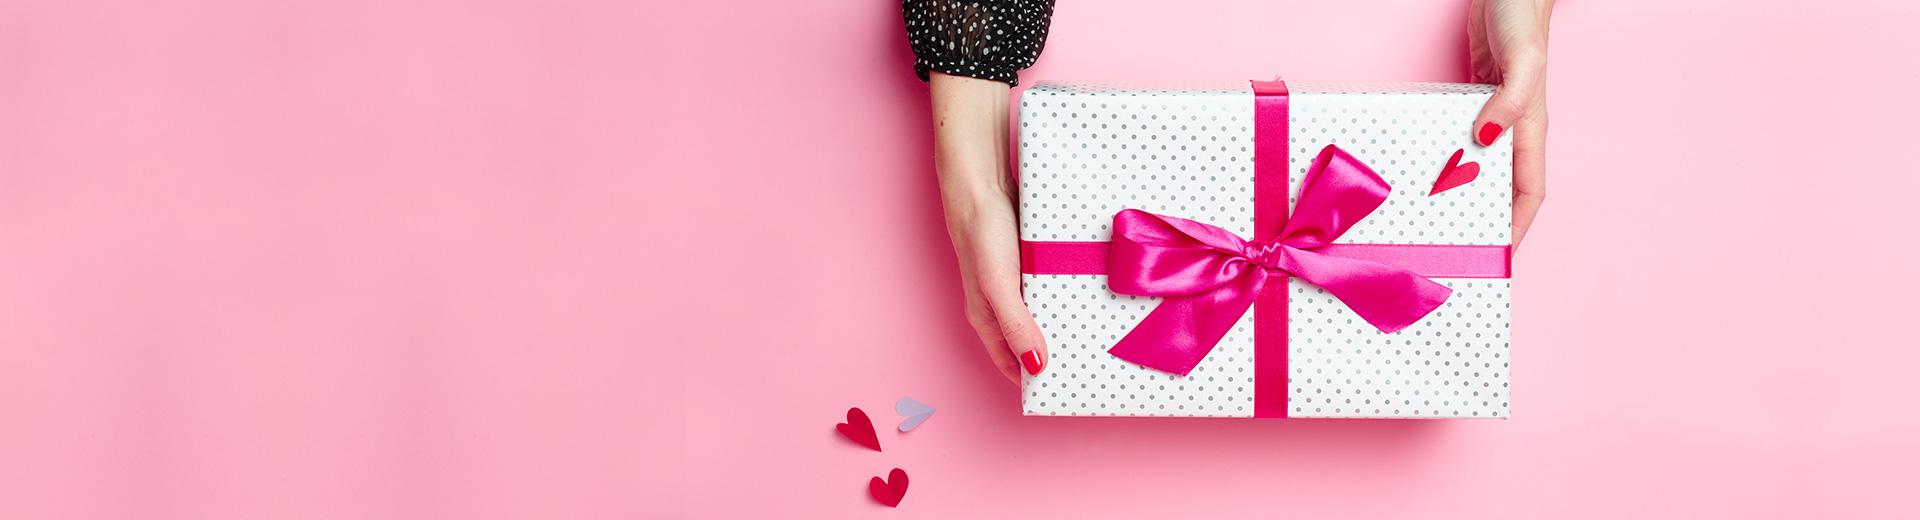 Leuke Romantische Valentijnscadeaus Bestel Direct Hallmark